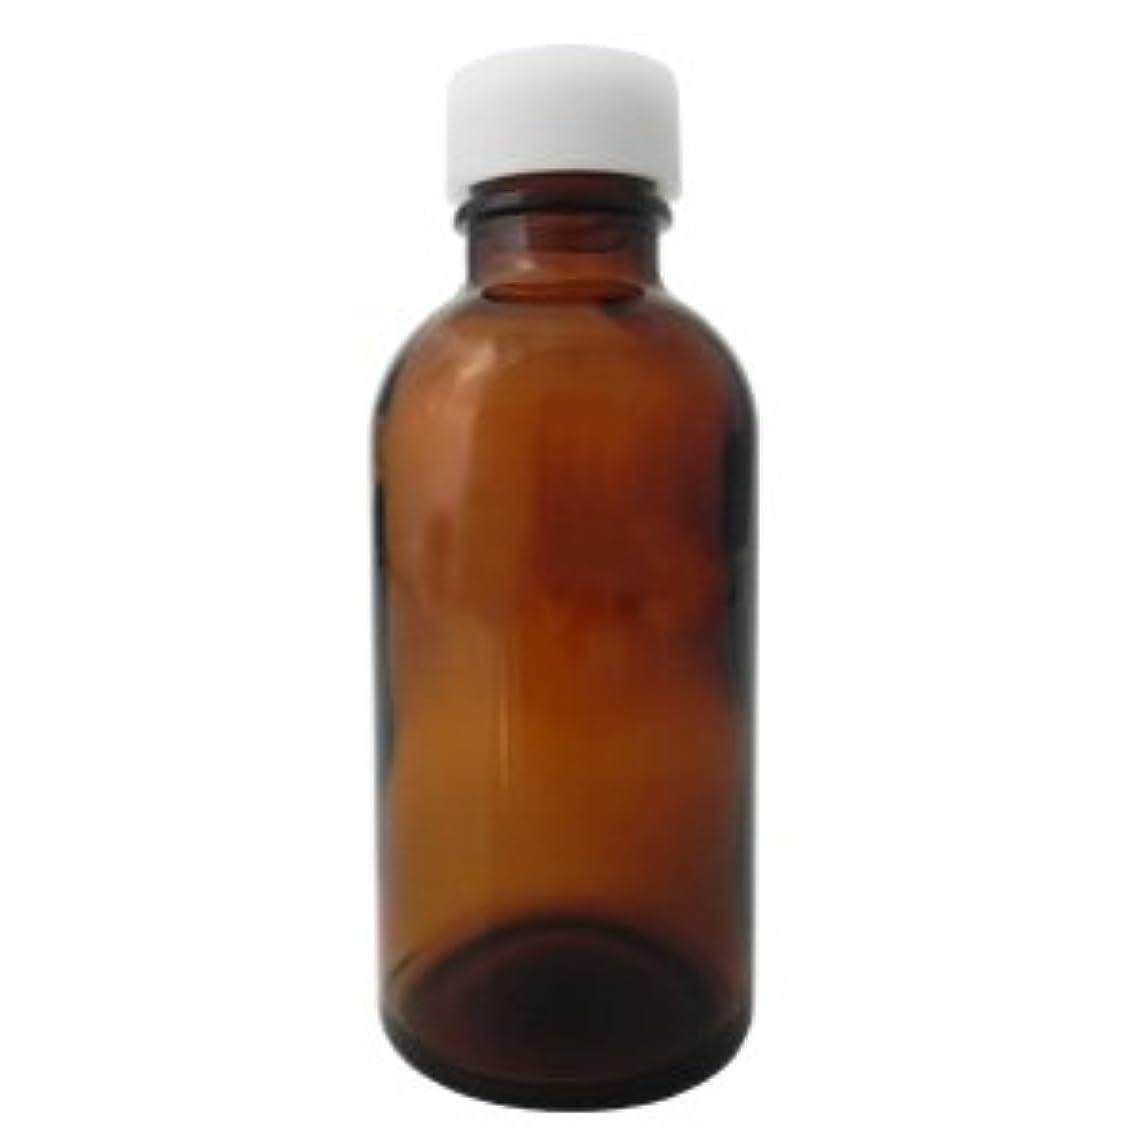 収束する親密な顧問遮光ガラス瓶 140ml